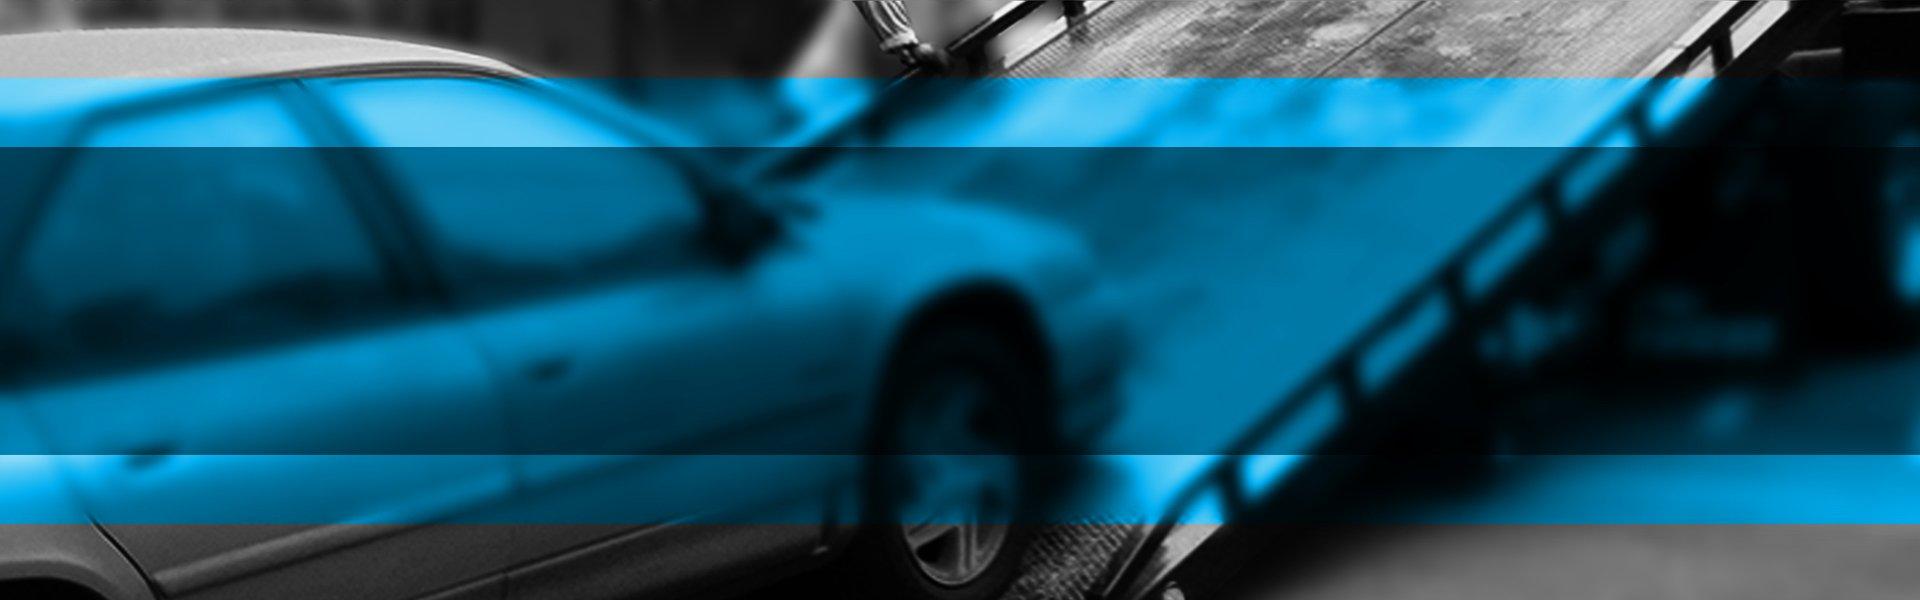 car-truck-fleet-maintenance-service-durban1